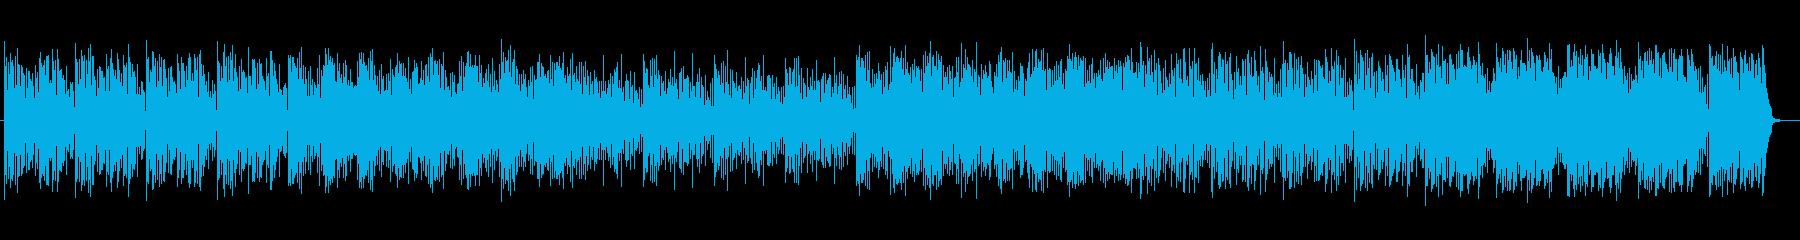 可愛らしいセンチメンタルエレクトロニカの再生済みの波形